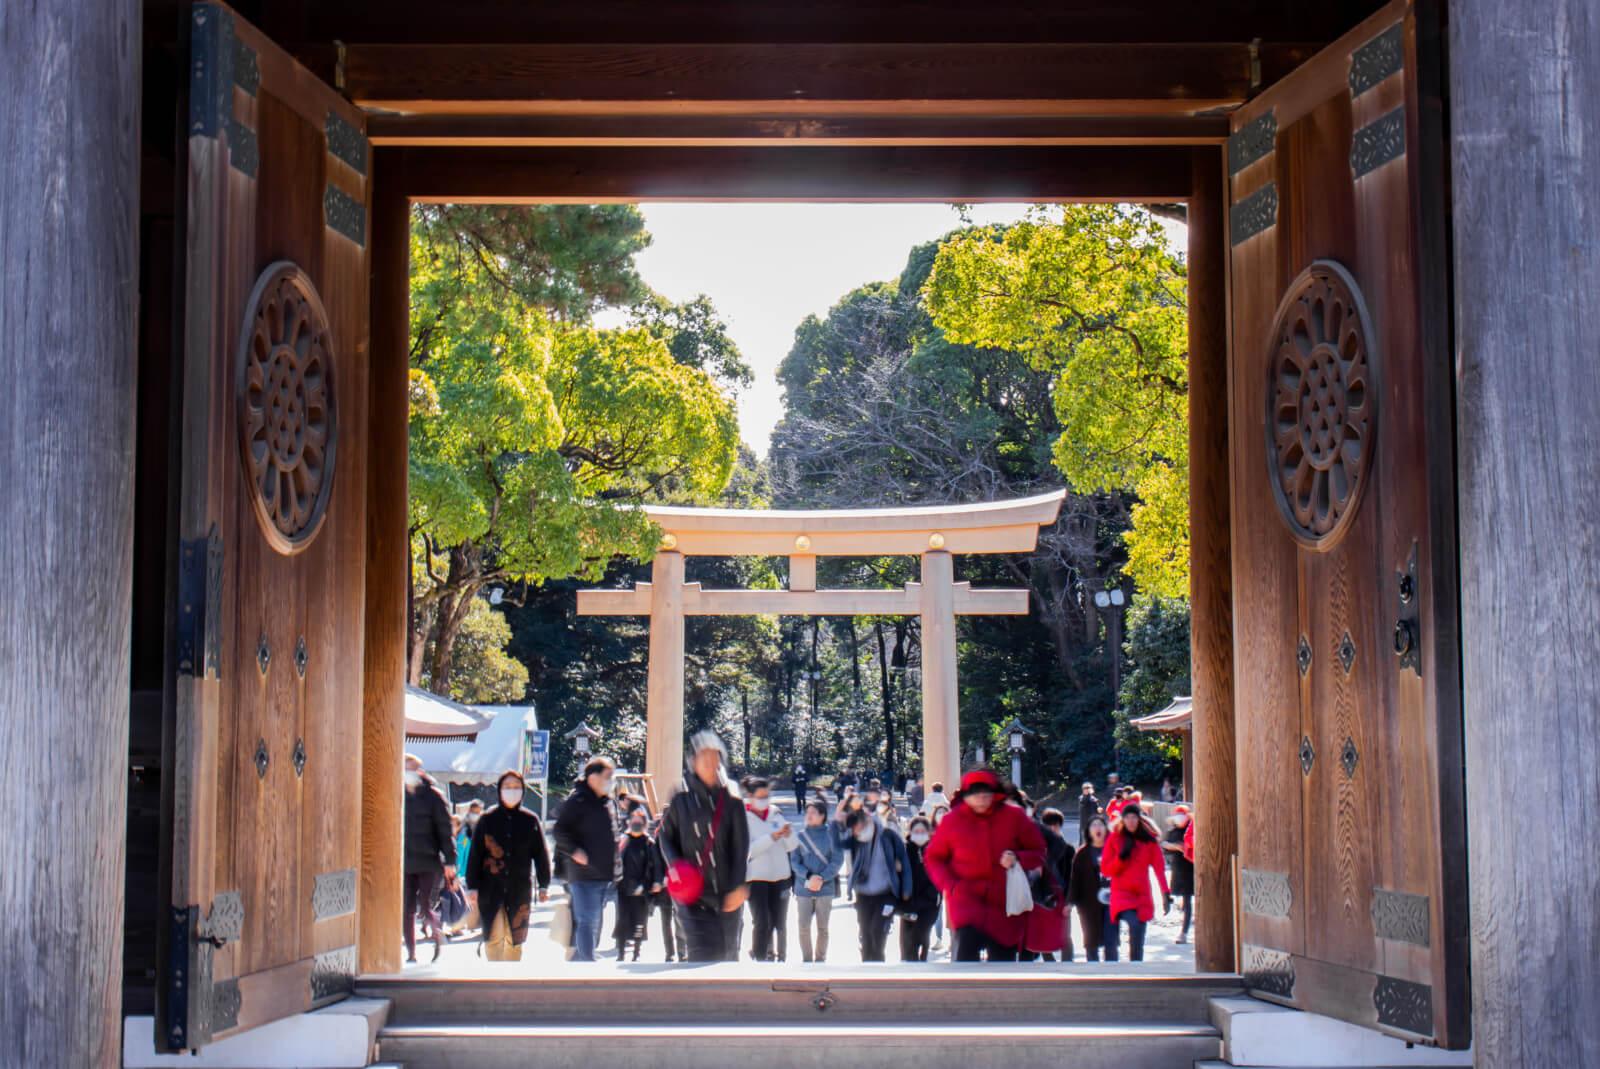 明治神宮本殿側から楼門を眺める